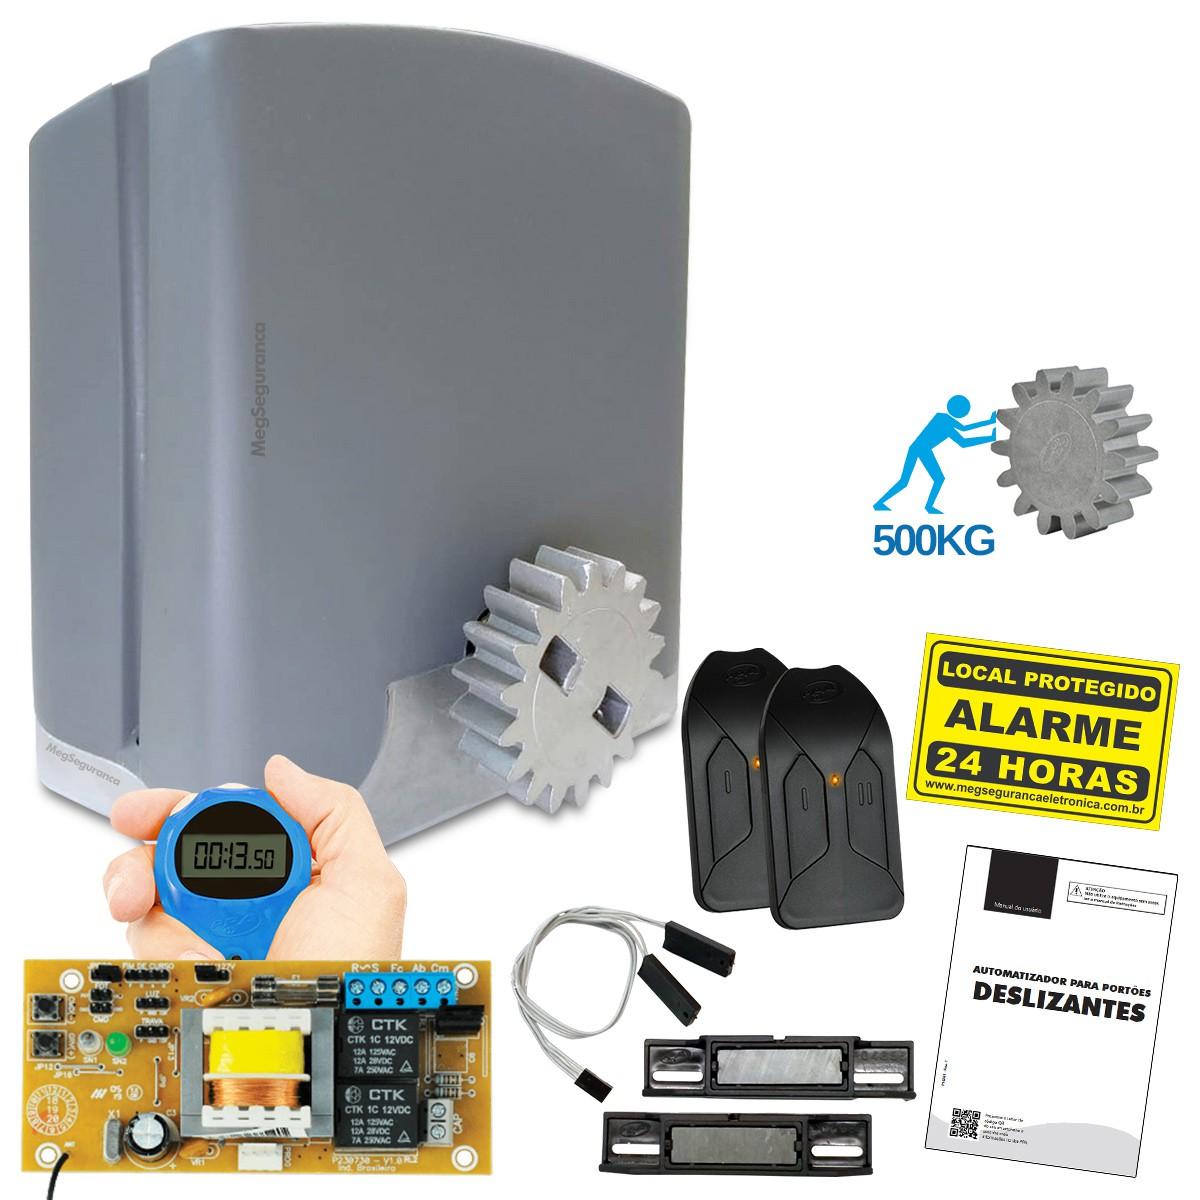 Kit 1 Motor PPA DZ Rio KL 2 Controles Portão Eletrônico 500kg